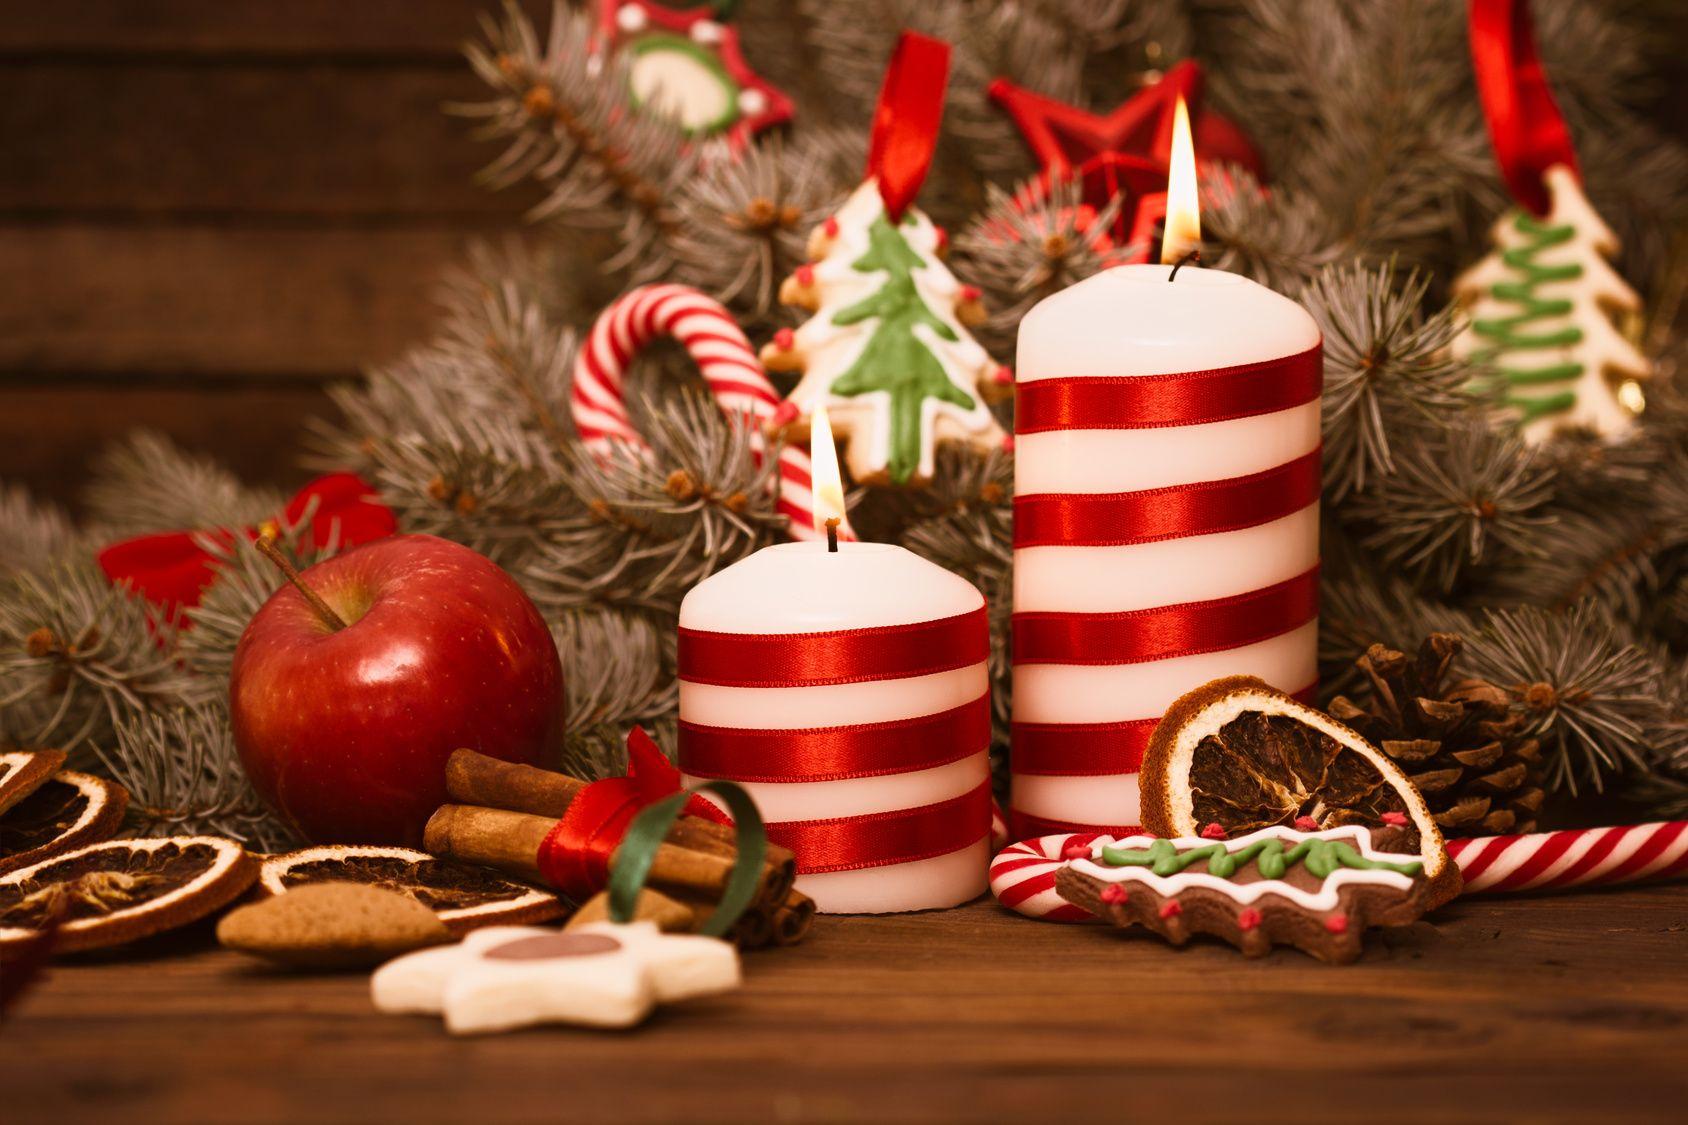 Helpotusta joulun tuloon ja juhlintaan: 15asiaa, jotka tehdä nyt valmistautuaksesi ajoissa